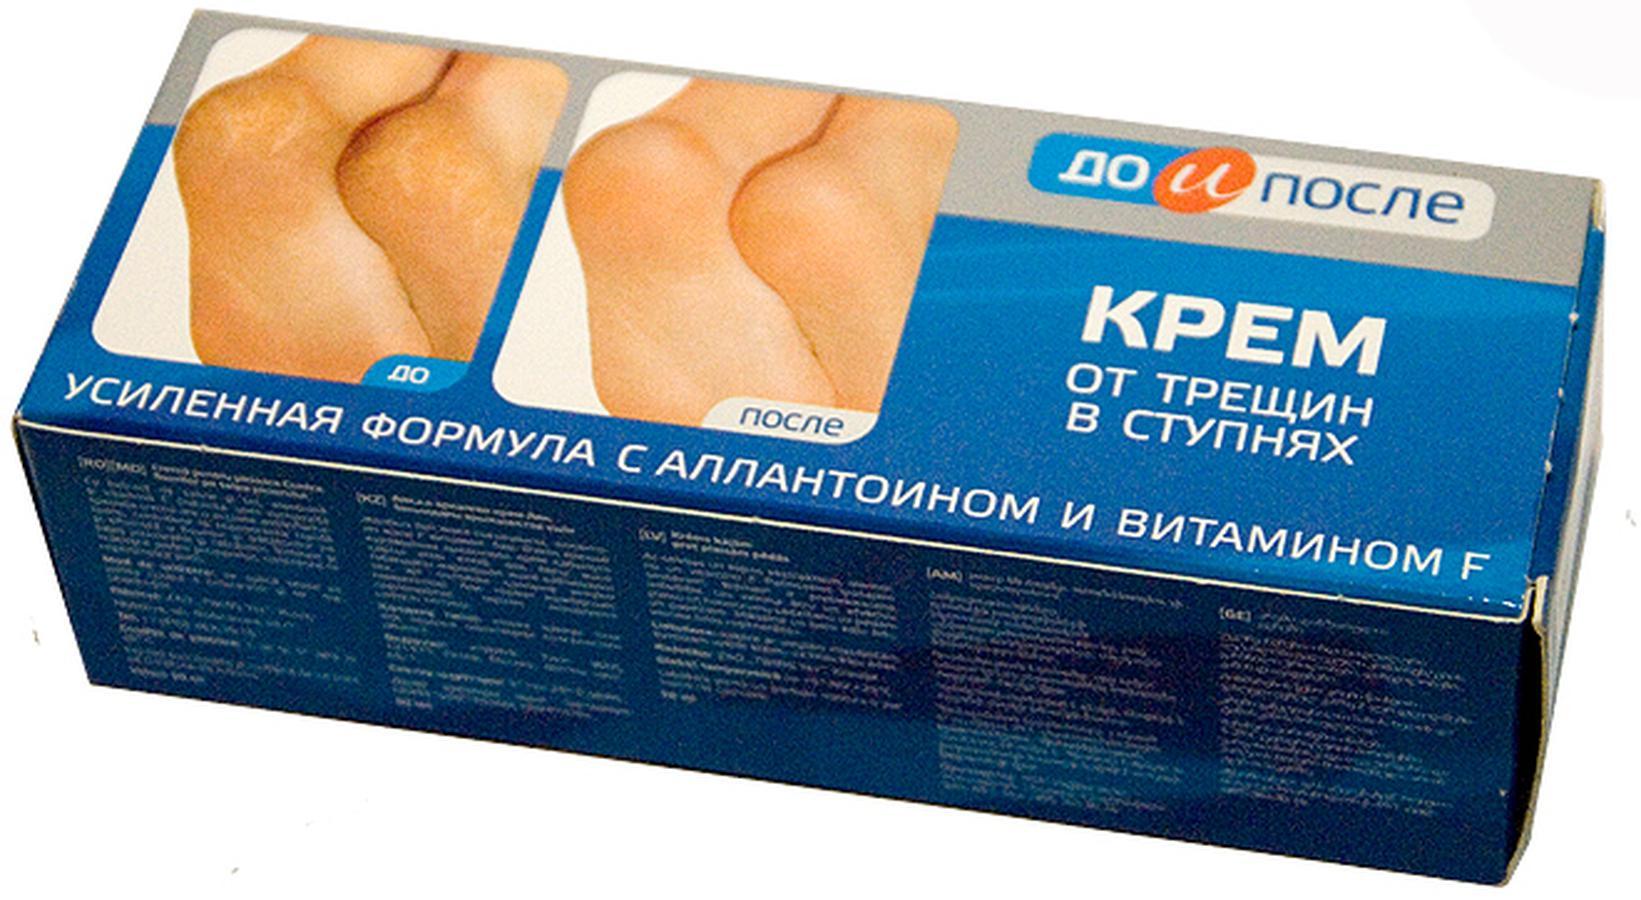 Kem Trị Nứt Gót Chân Nga Kpem Apteka Vitamin F 50ml